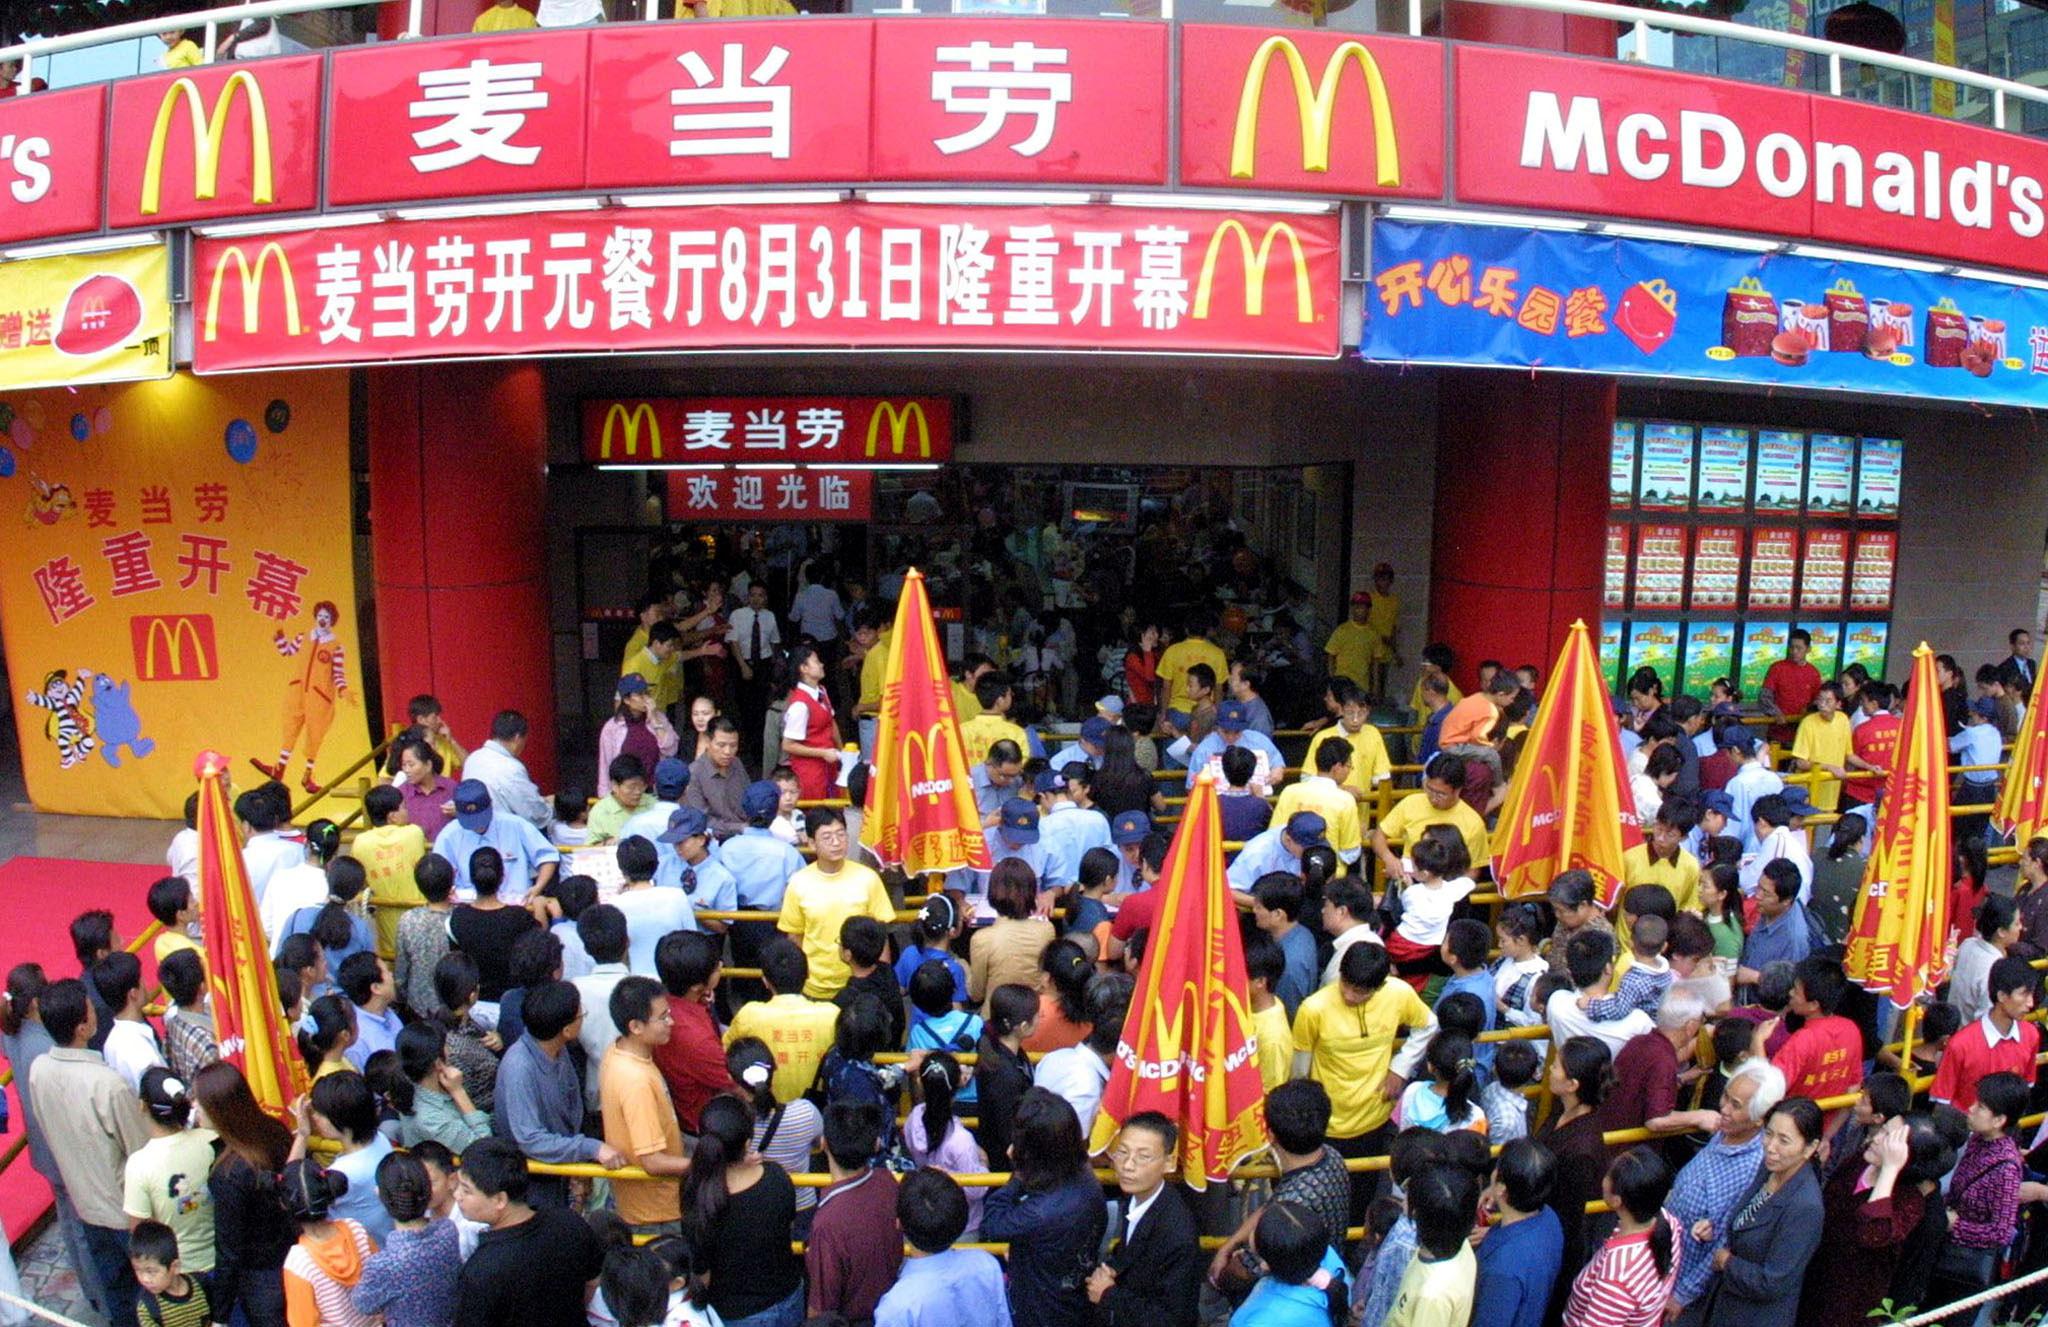 Resultado de imagen para mcdonalds photos queau china